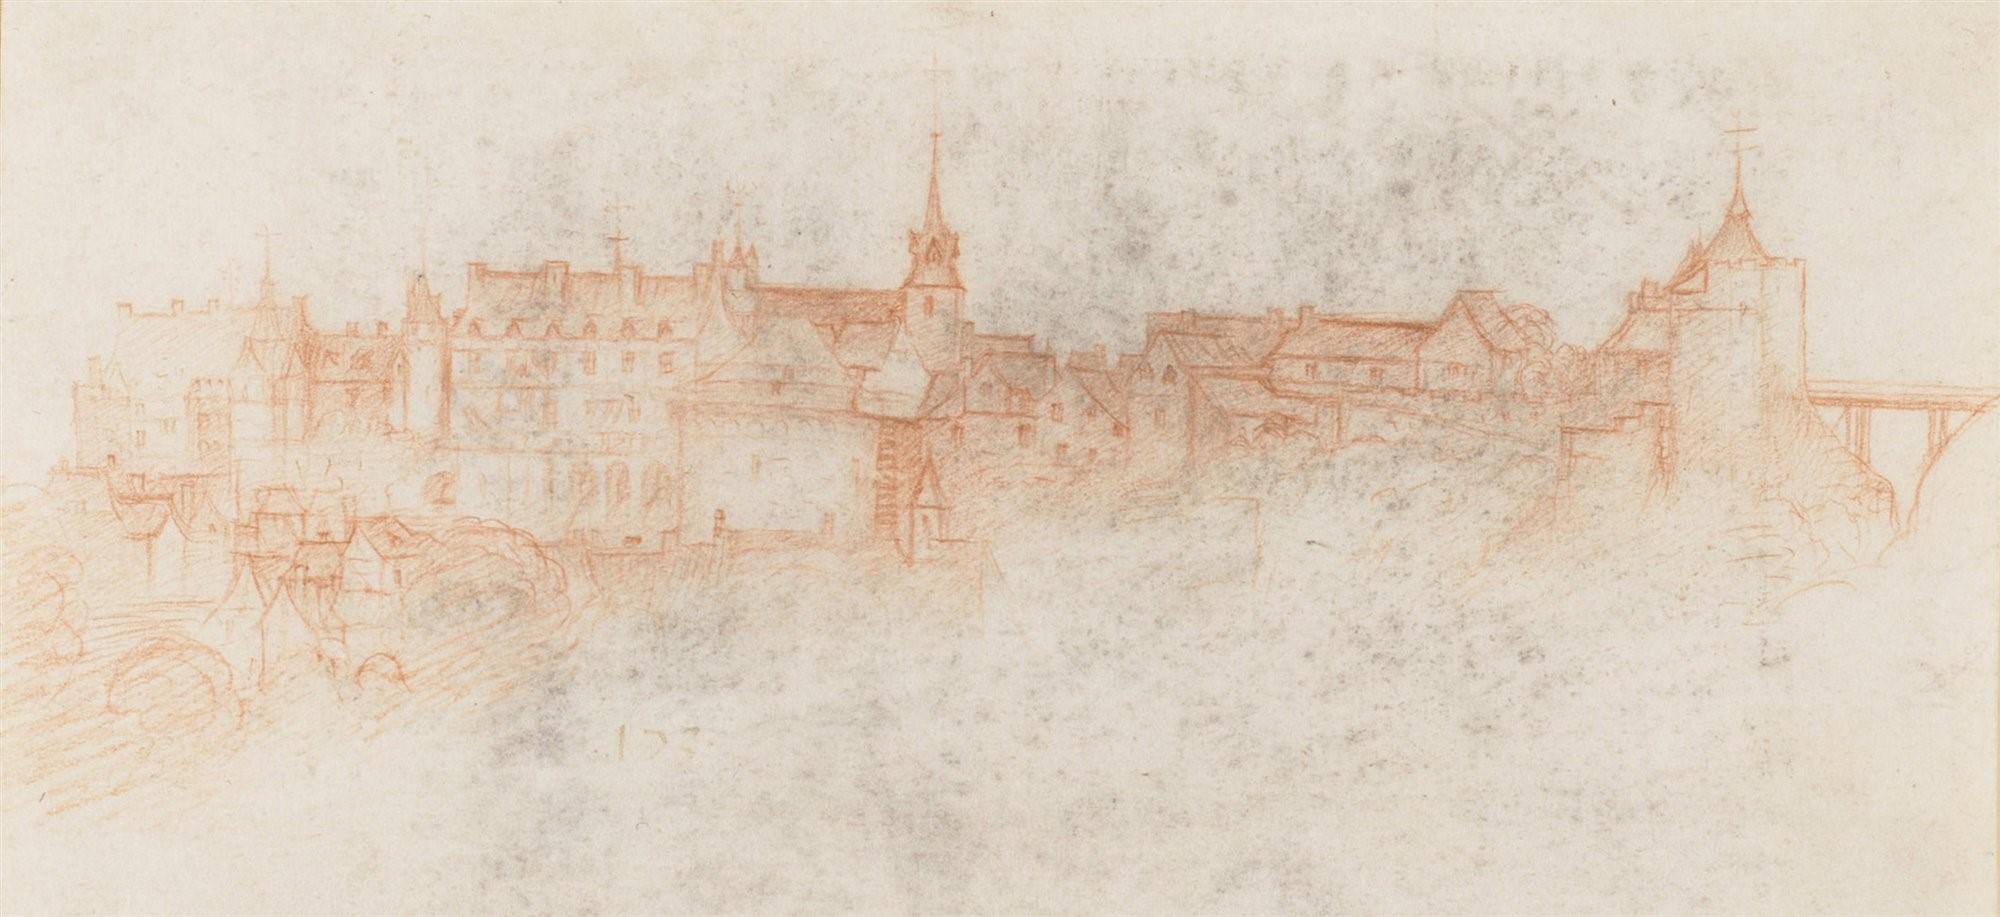 Vista del Castillo de Amboise desde mi residencia dibujada por uno de mis discípulos.